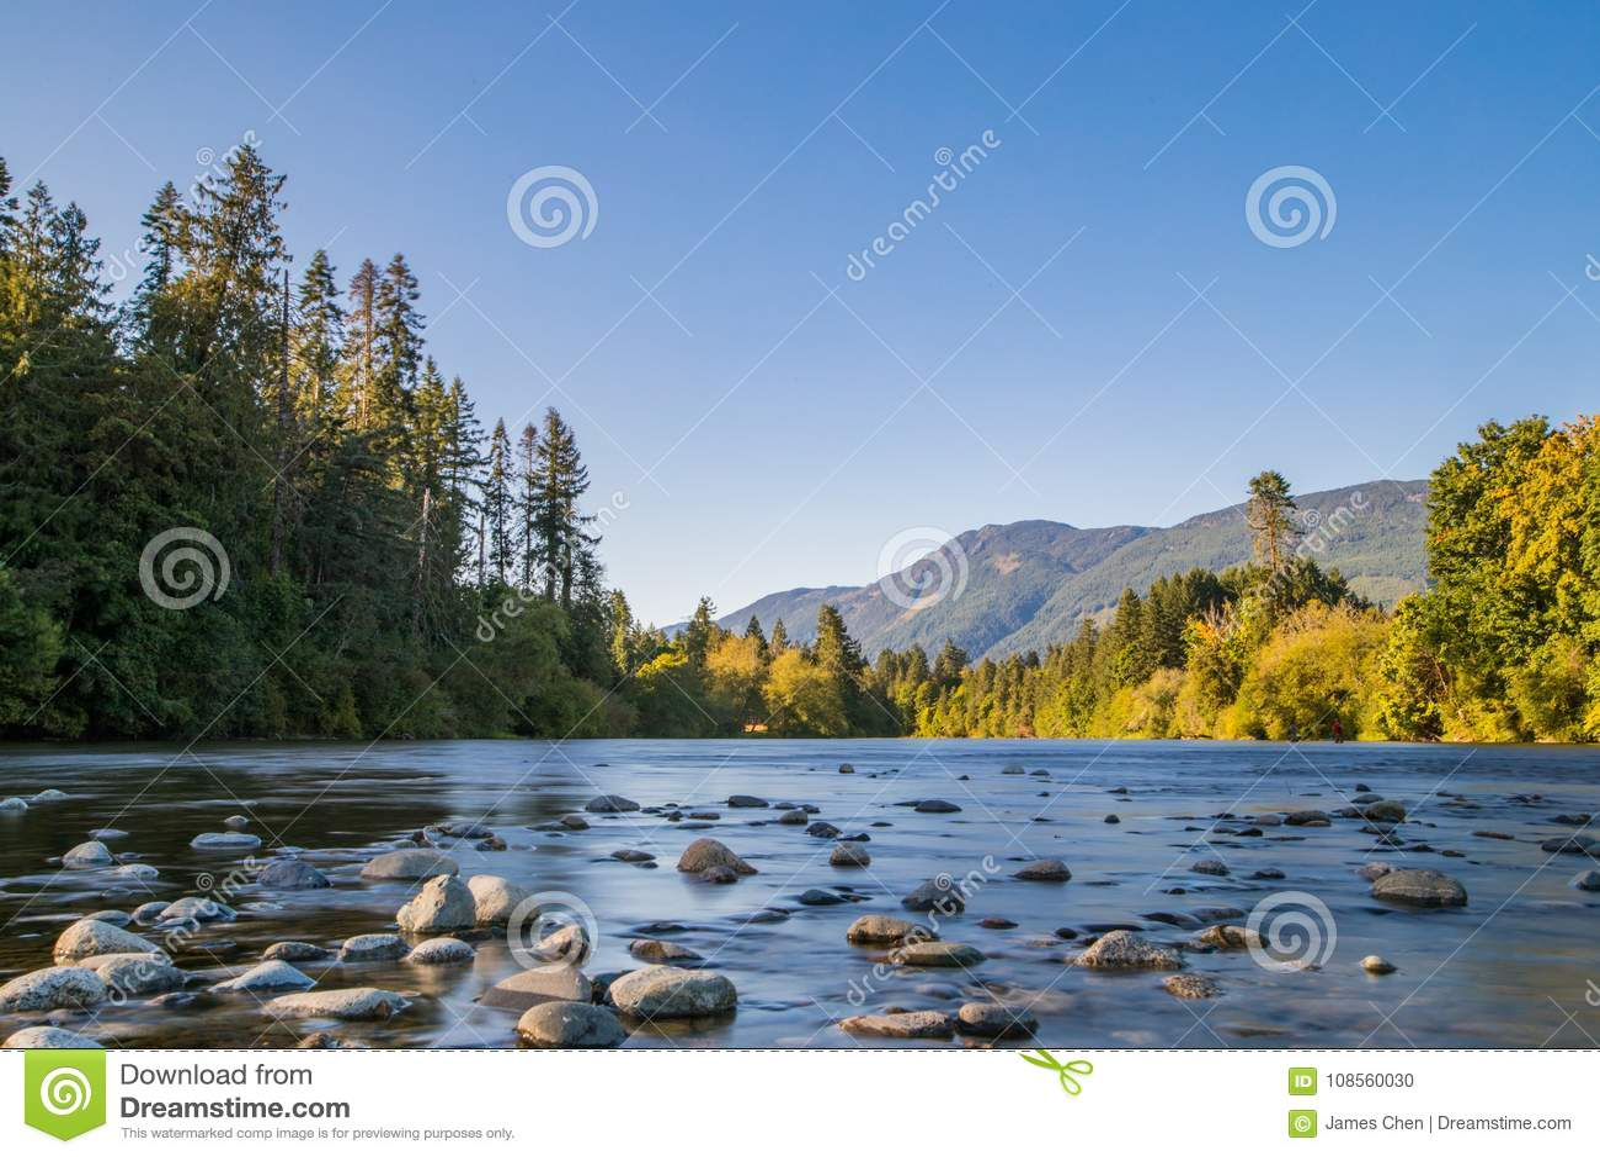 Долгая выдержка пейзажа реки сняла в порте Alberni, острове ванкувер, ДО РОЖДЕСТВА ХРИСТОВА, Канада Известное место для Salmon ры